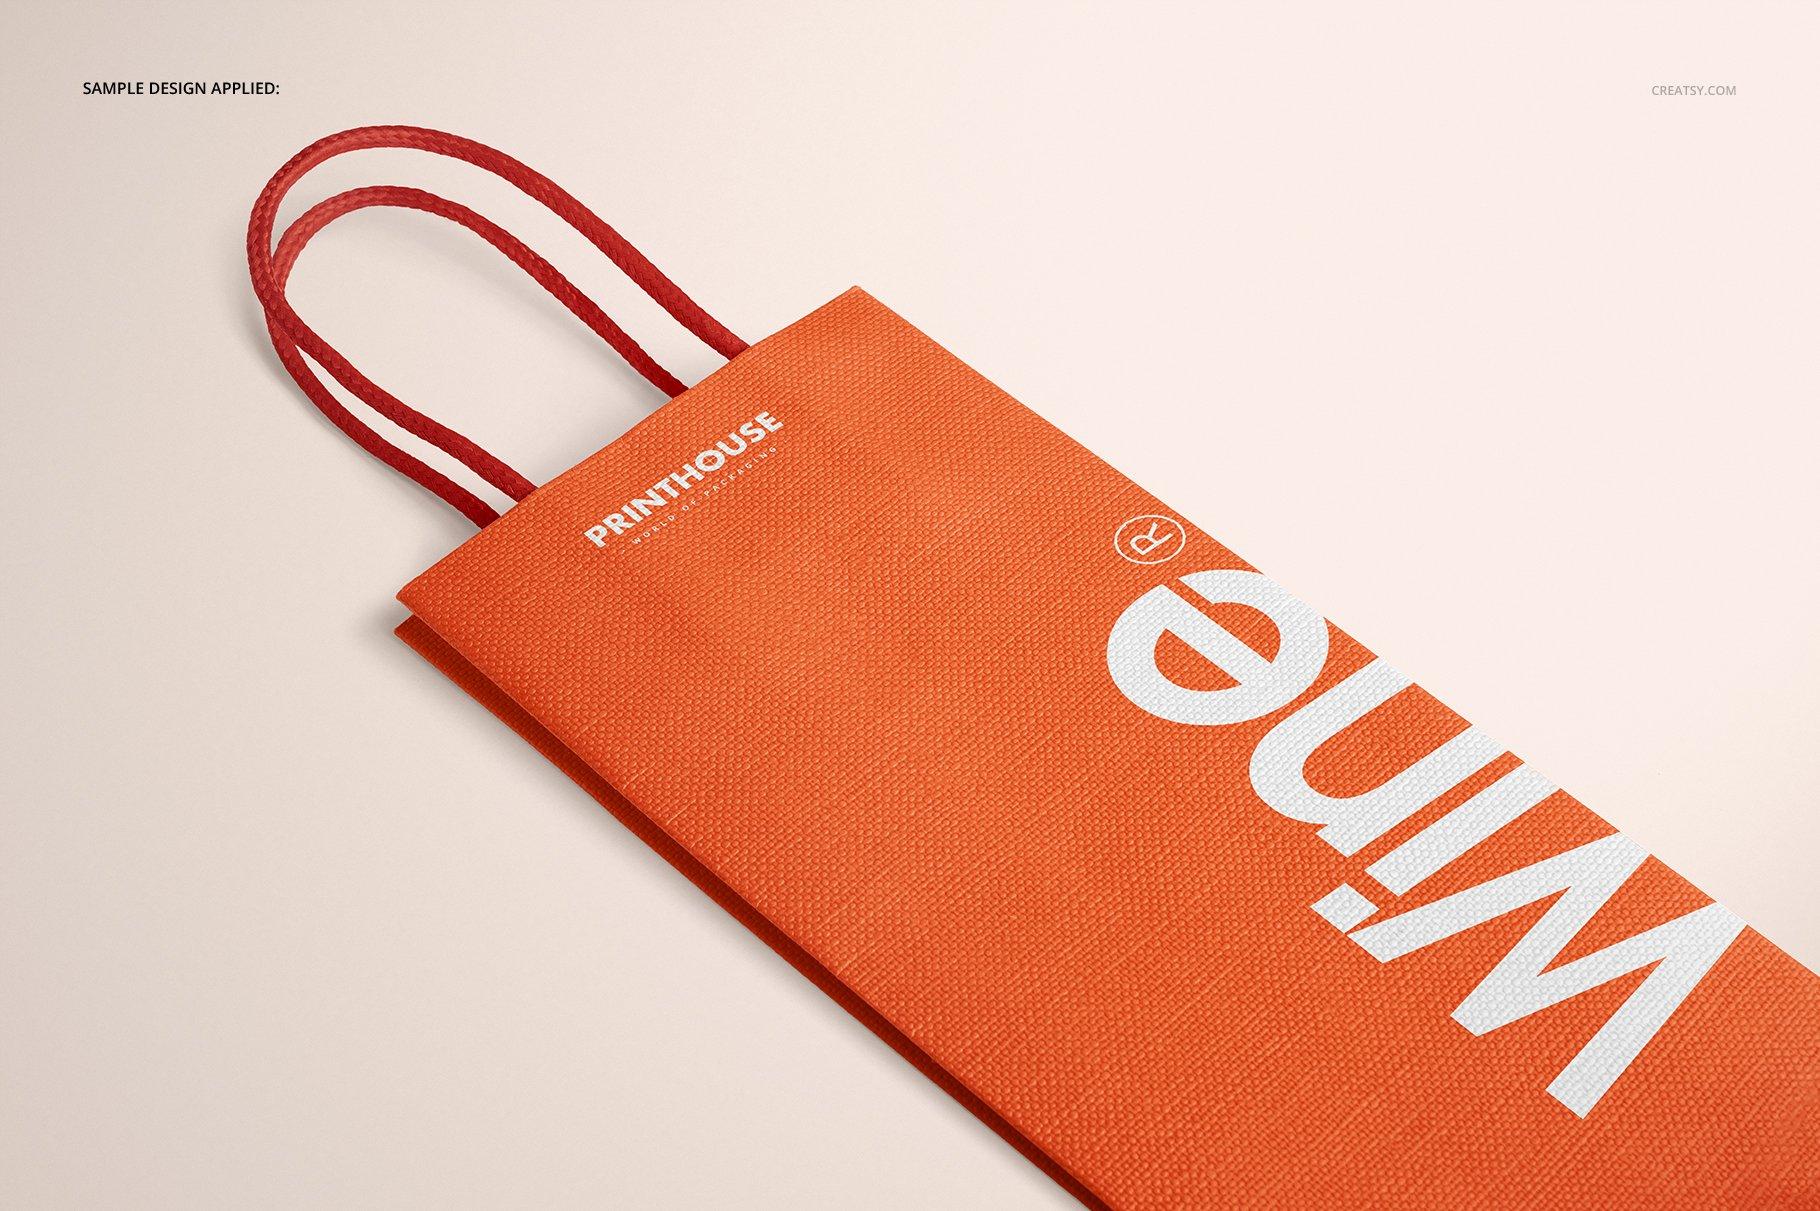 [淘宝购买] 精美葡萄酒手提袋设计展示贴图样机套装 Eurotote Wine Tote Bag Mockup Set插图(8)